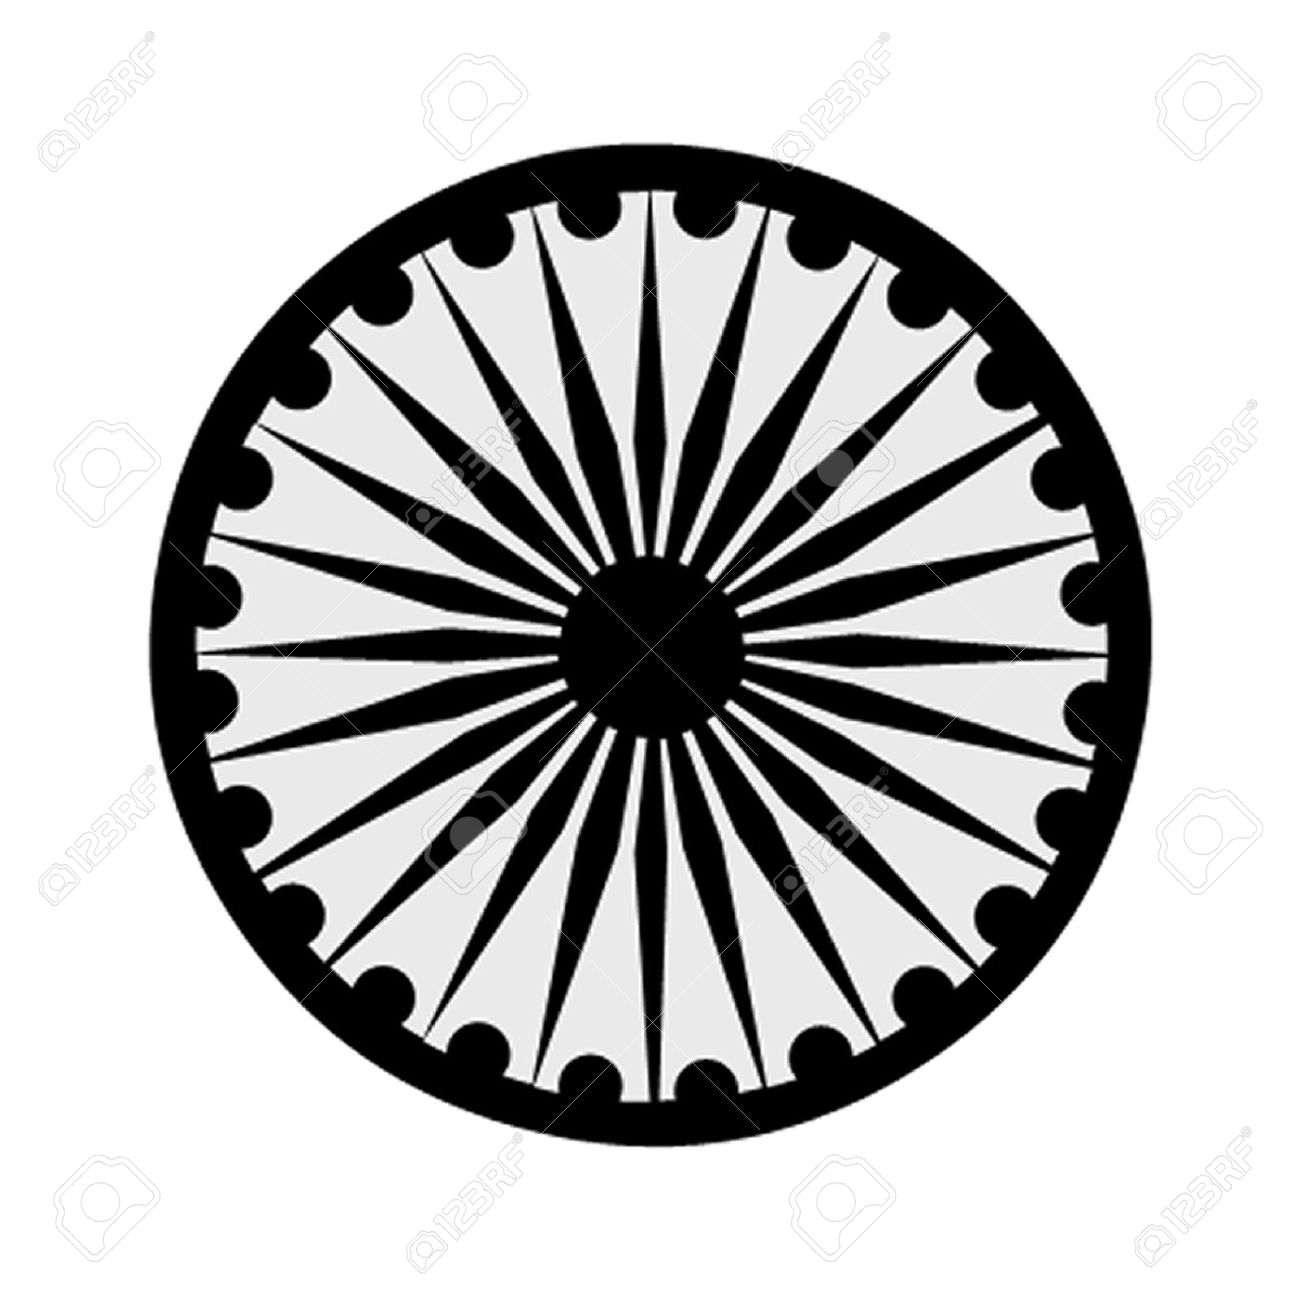 The Buddhist Symbol Of The Ashoka Chakra Royalty Free Cliparts